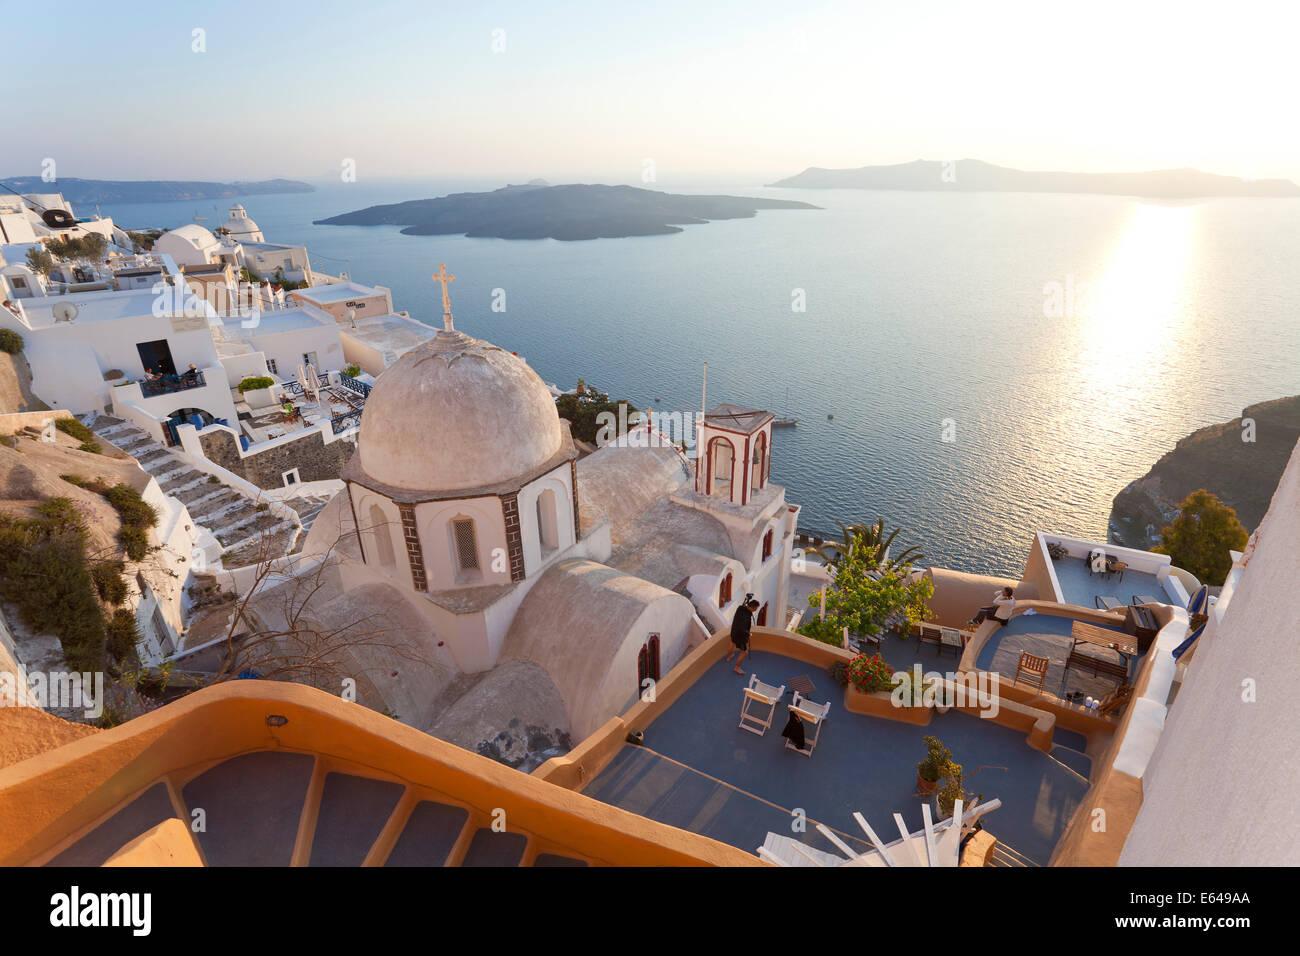 Chiesa & città di Fira al tramonto, Fira, Santorini (Thira), Cicladi Grecia Foto Stock